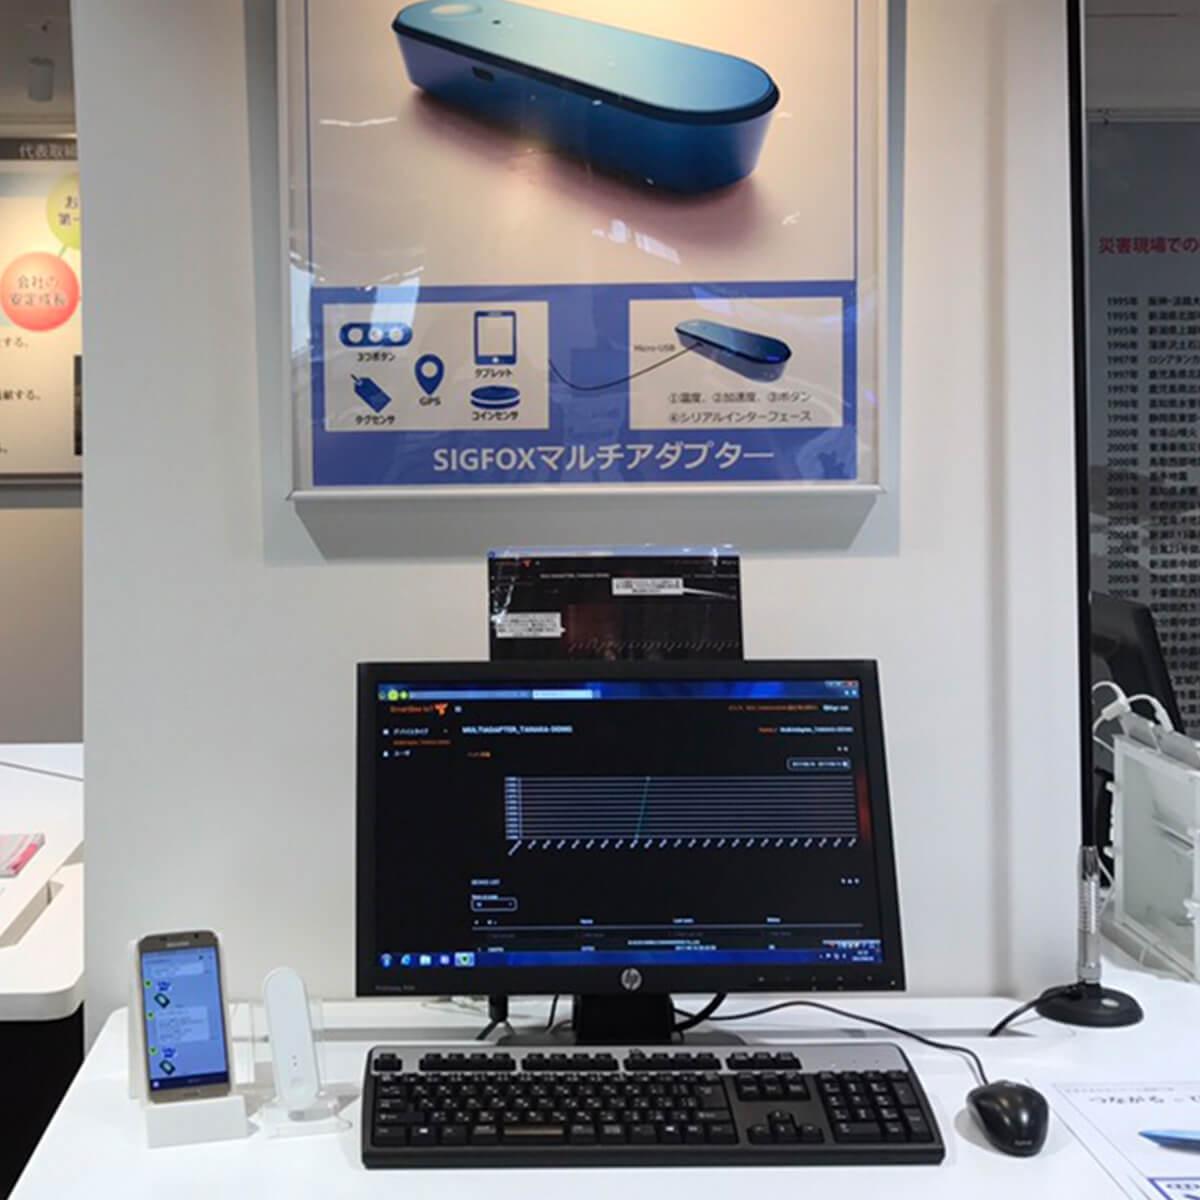 KCCSモバイルエンジニアリング株式会社 IoT Sigfoxマルチアダプター